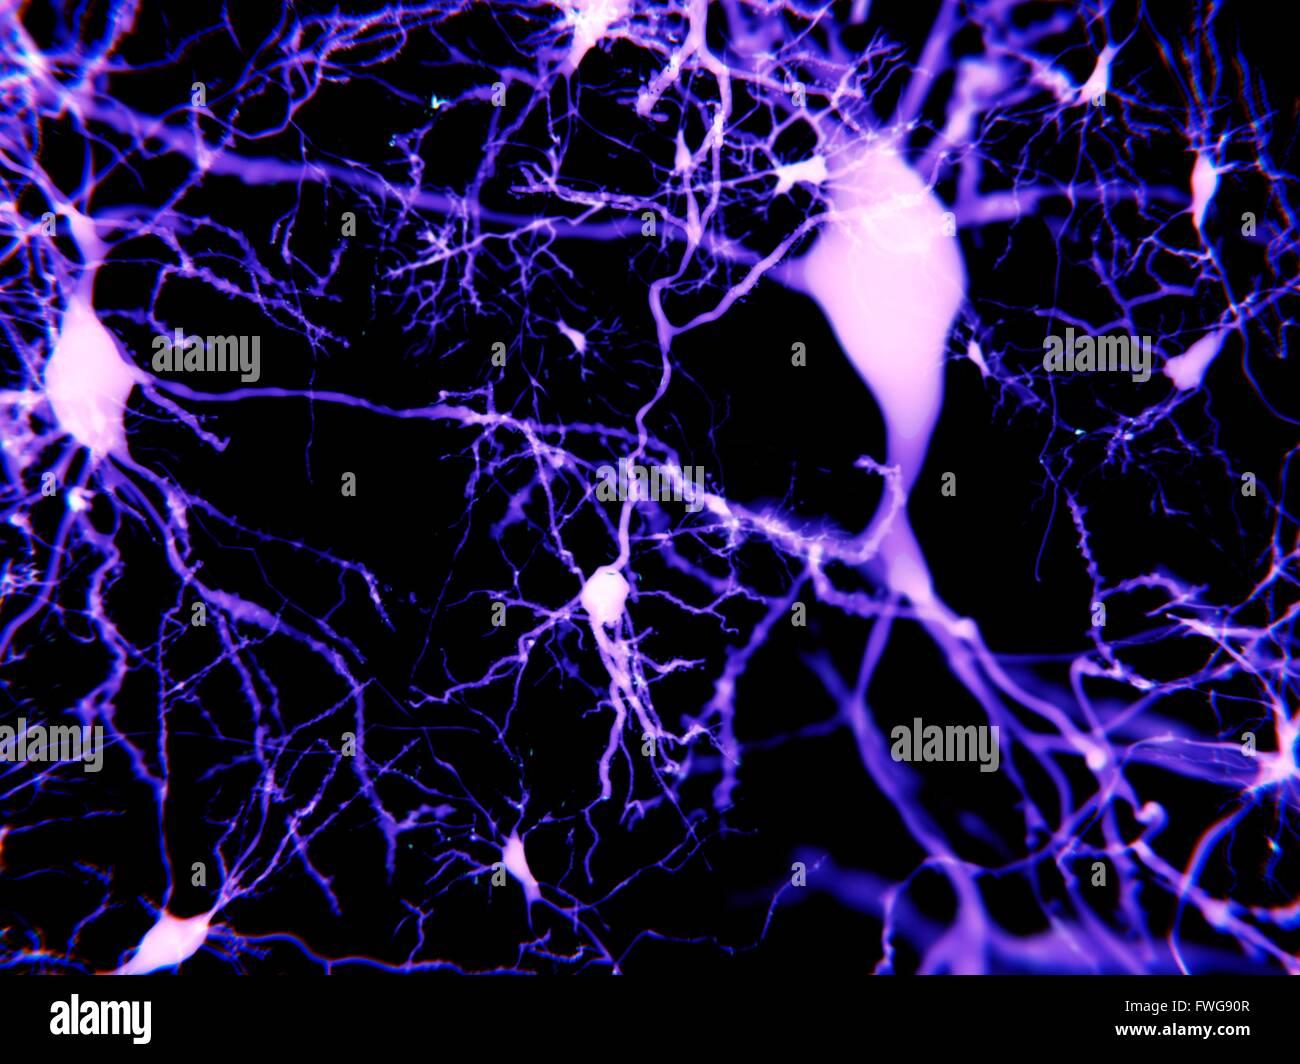 Las neuronas piramidales ilustración de las neuronas piramidales de la corteza cerebral del cerebro las células Imagen De Stock